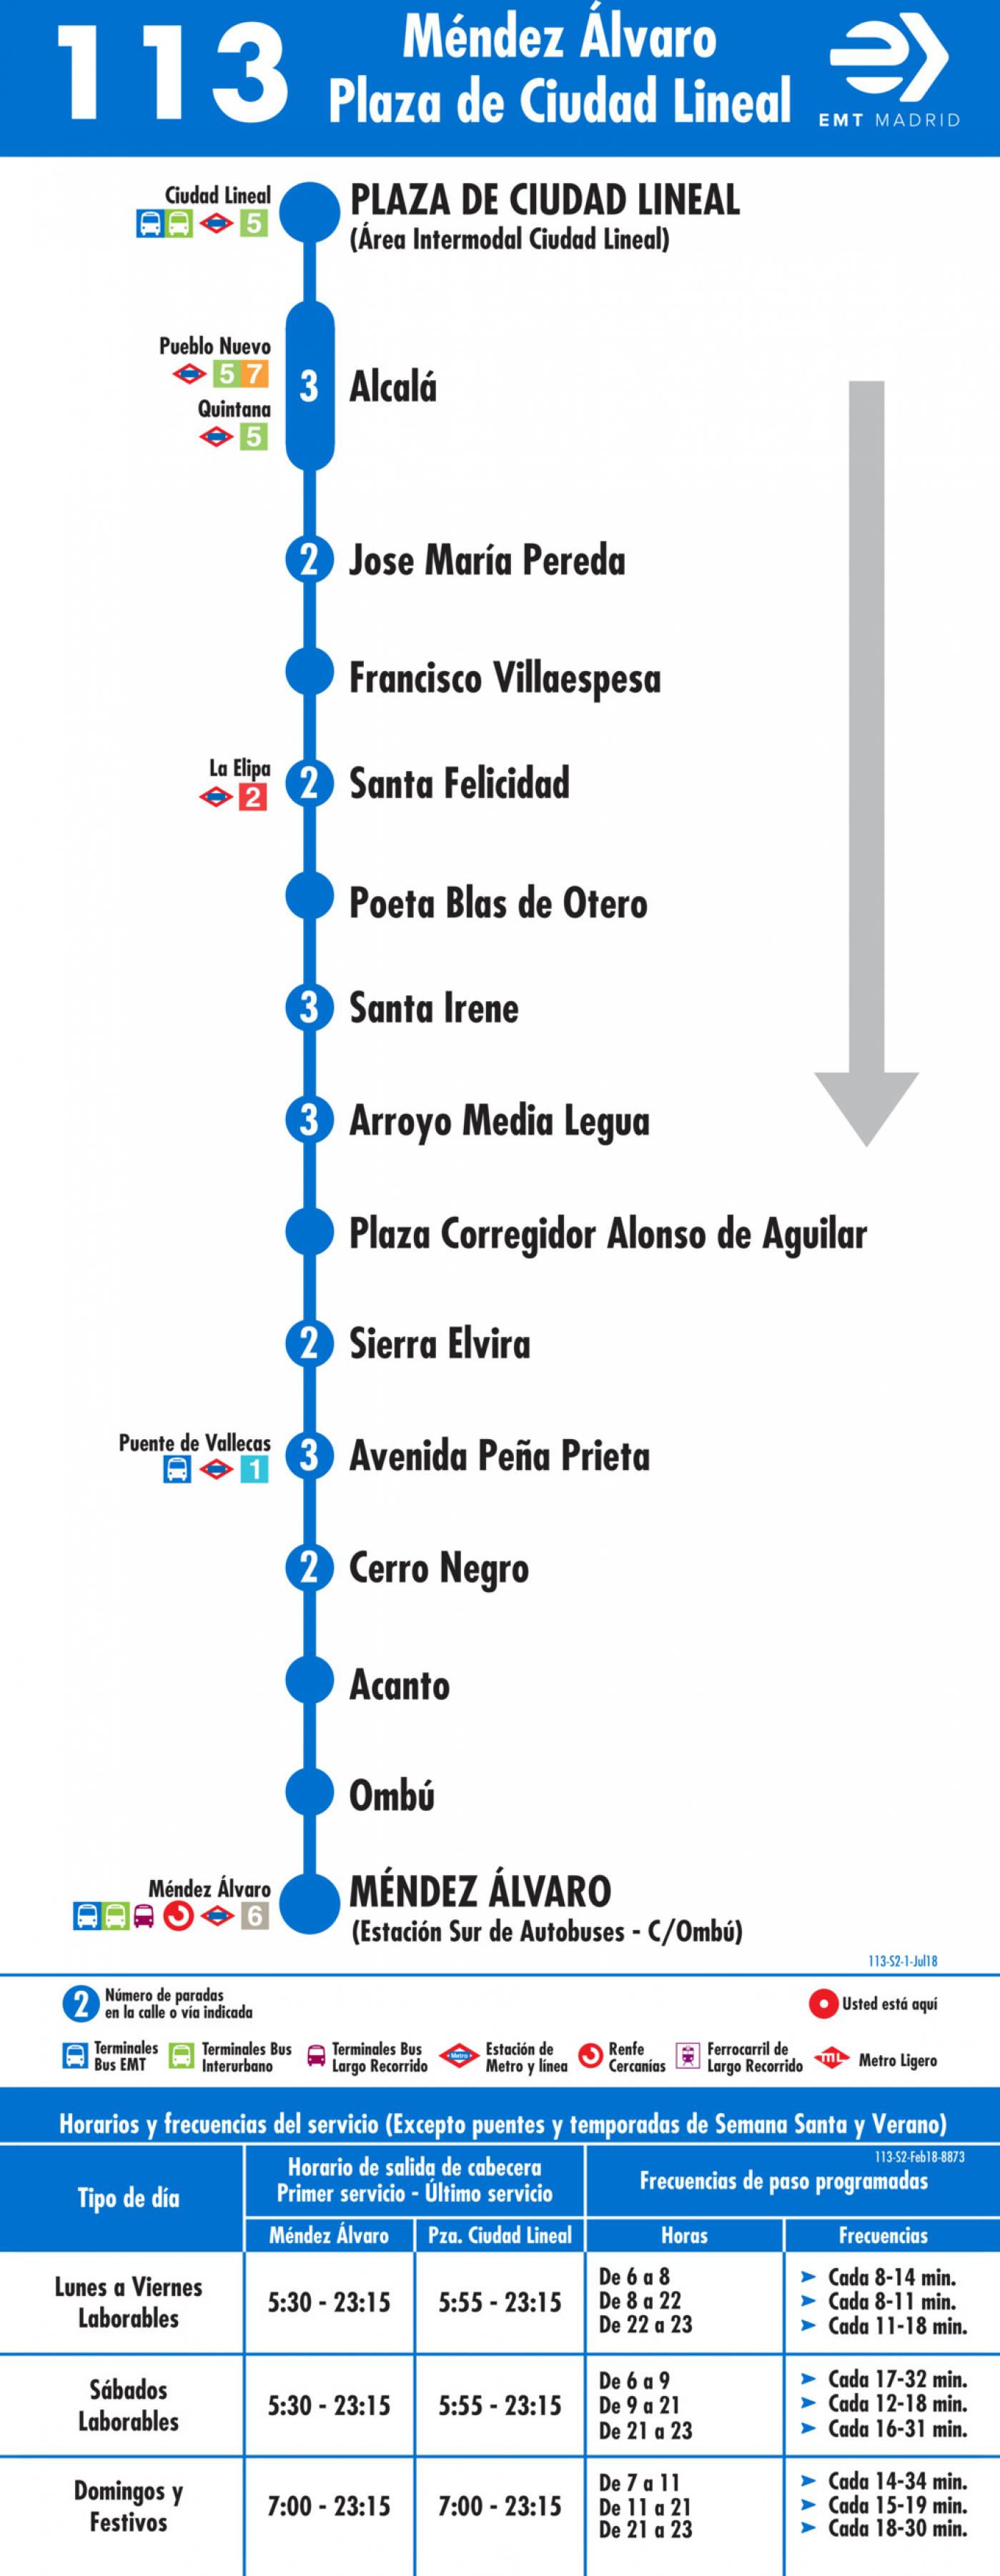 Tabla de horarios y frecuencias de paso en sentido vuelta Línea 113: Méndez Álvaro - Plaza de Ciudad Lineal